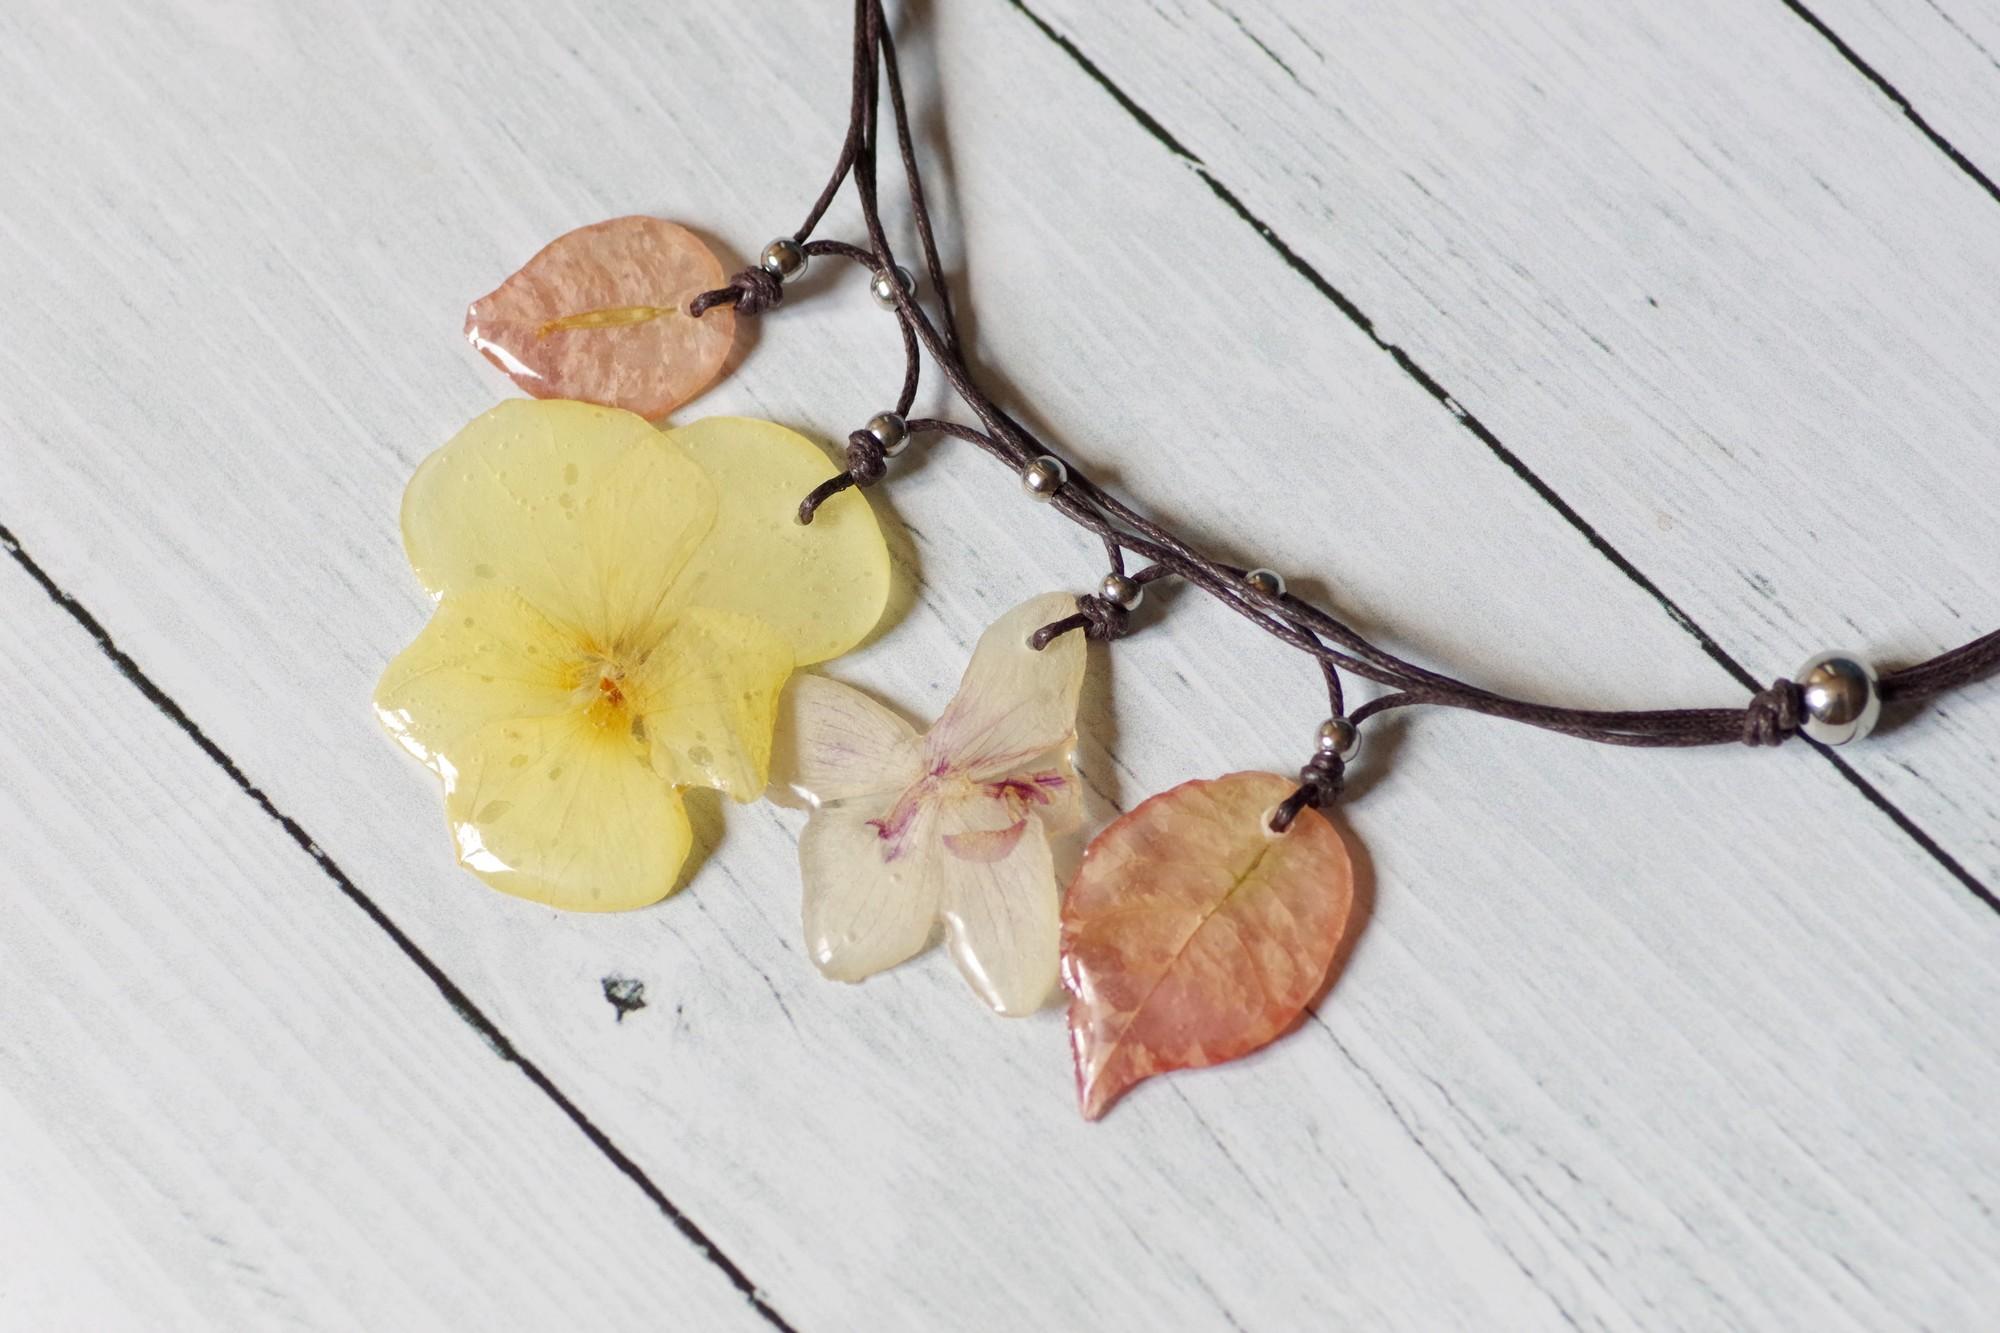 fleurs couleurs pastels : quatre pendentifs réunis en un collier végétal. bougainvillées rose pâle, pensée jaune pâle, orchidée eose très pâle